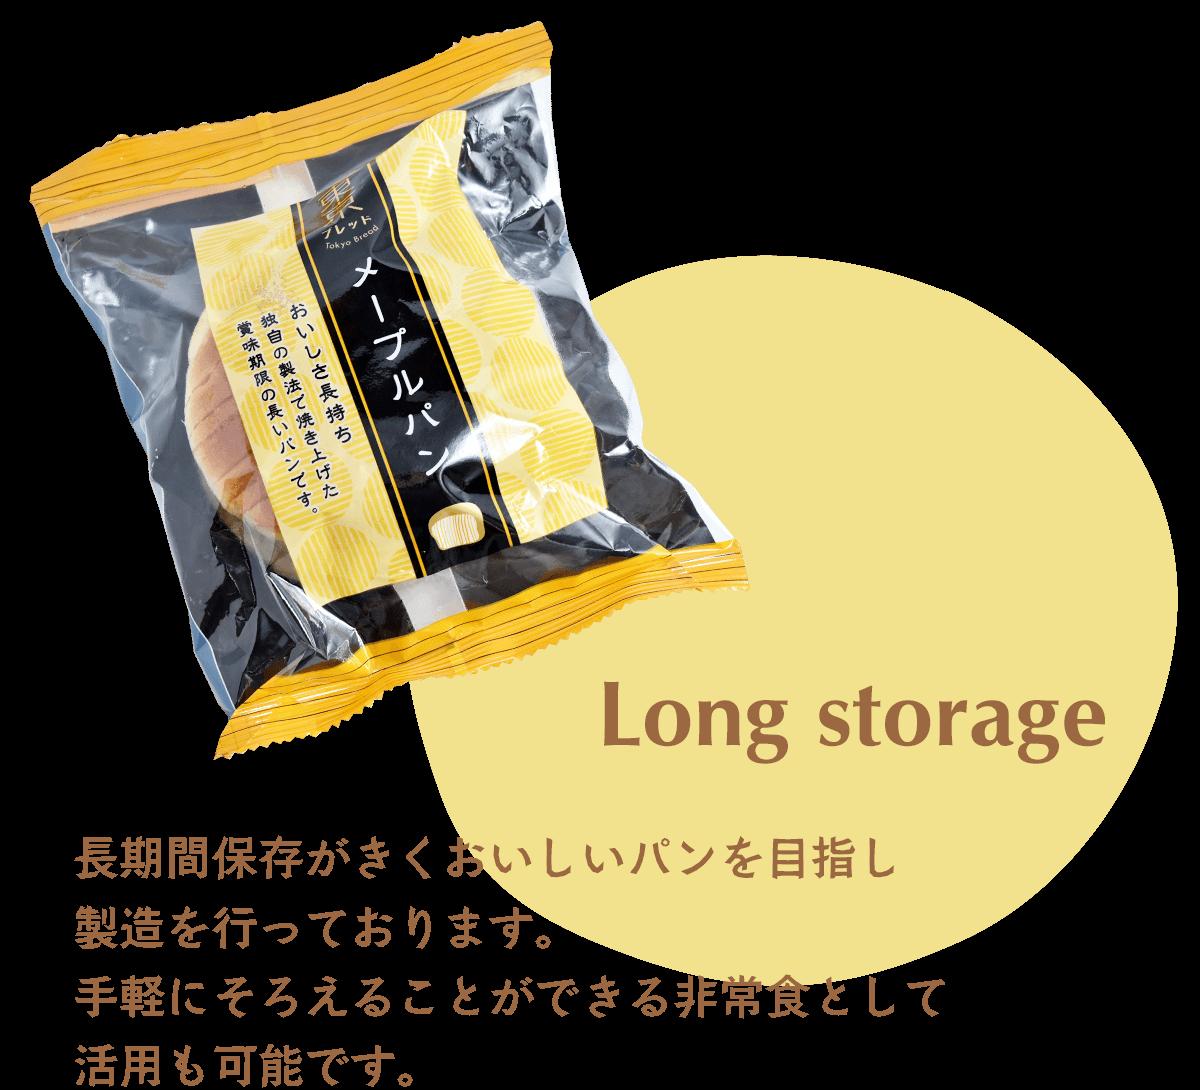 価格を100円に抑え、長期間保存がきくおいしいパンを目指し製造を行っております。